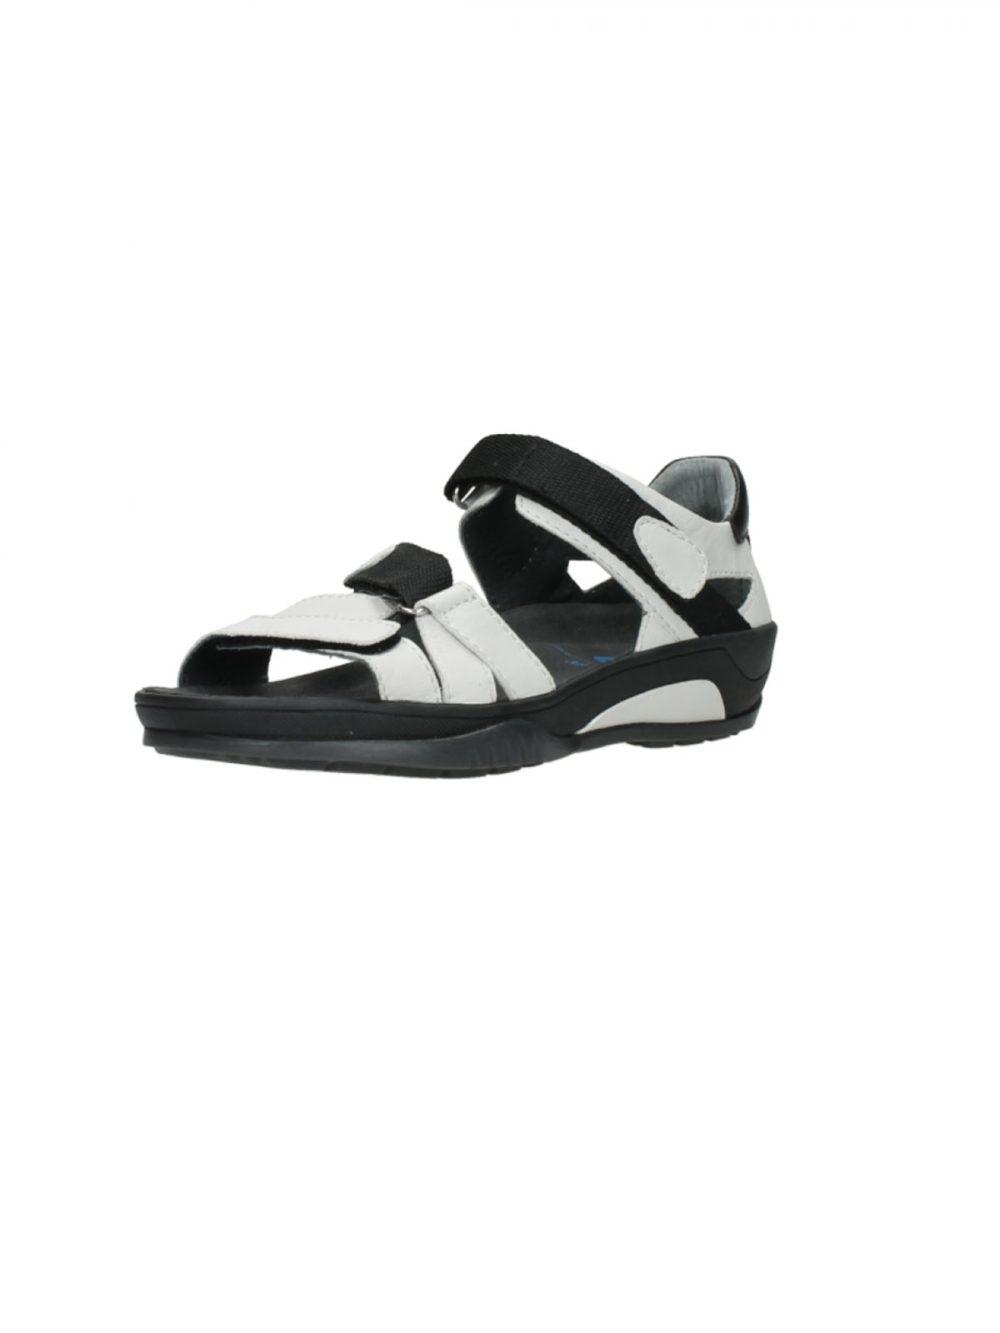 Ripple Savana Sandal Wolky Shoes Katie Kerr Women's Shoes